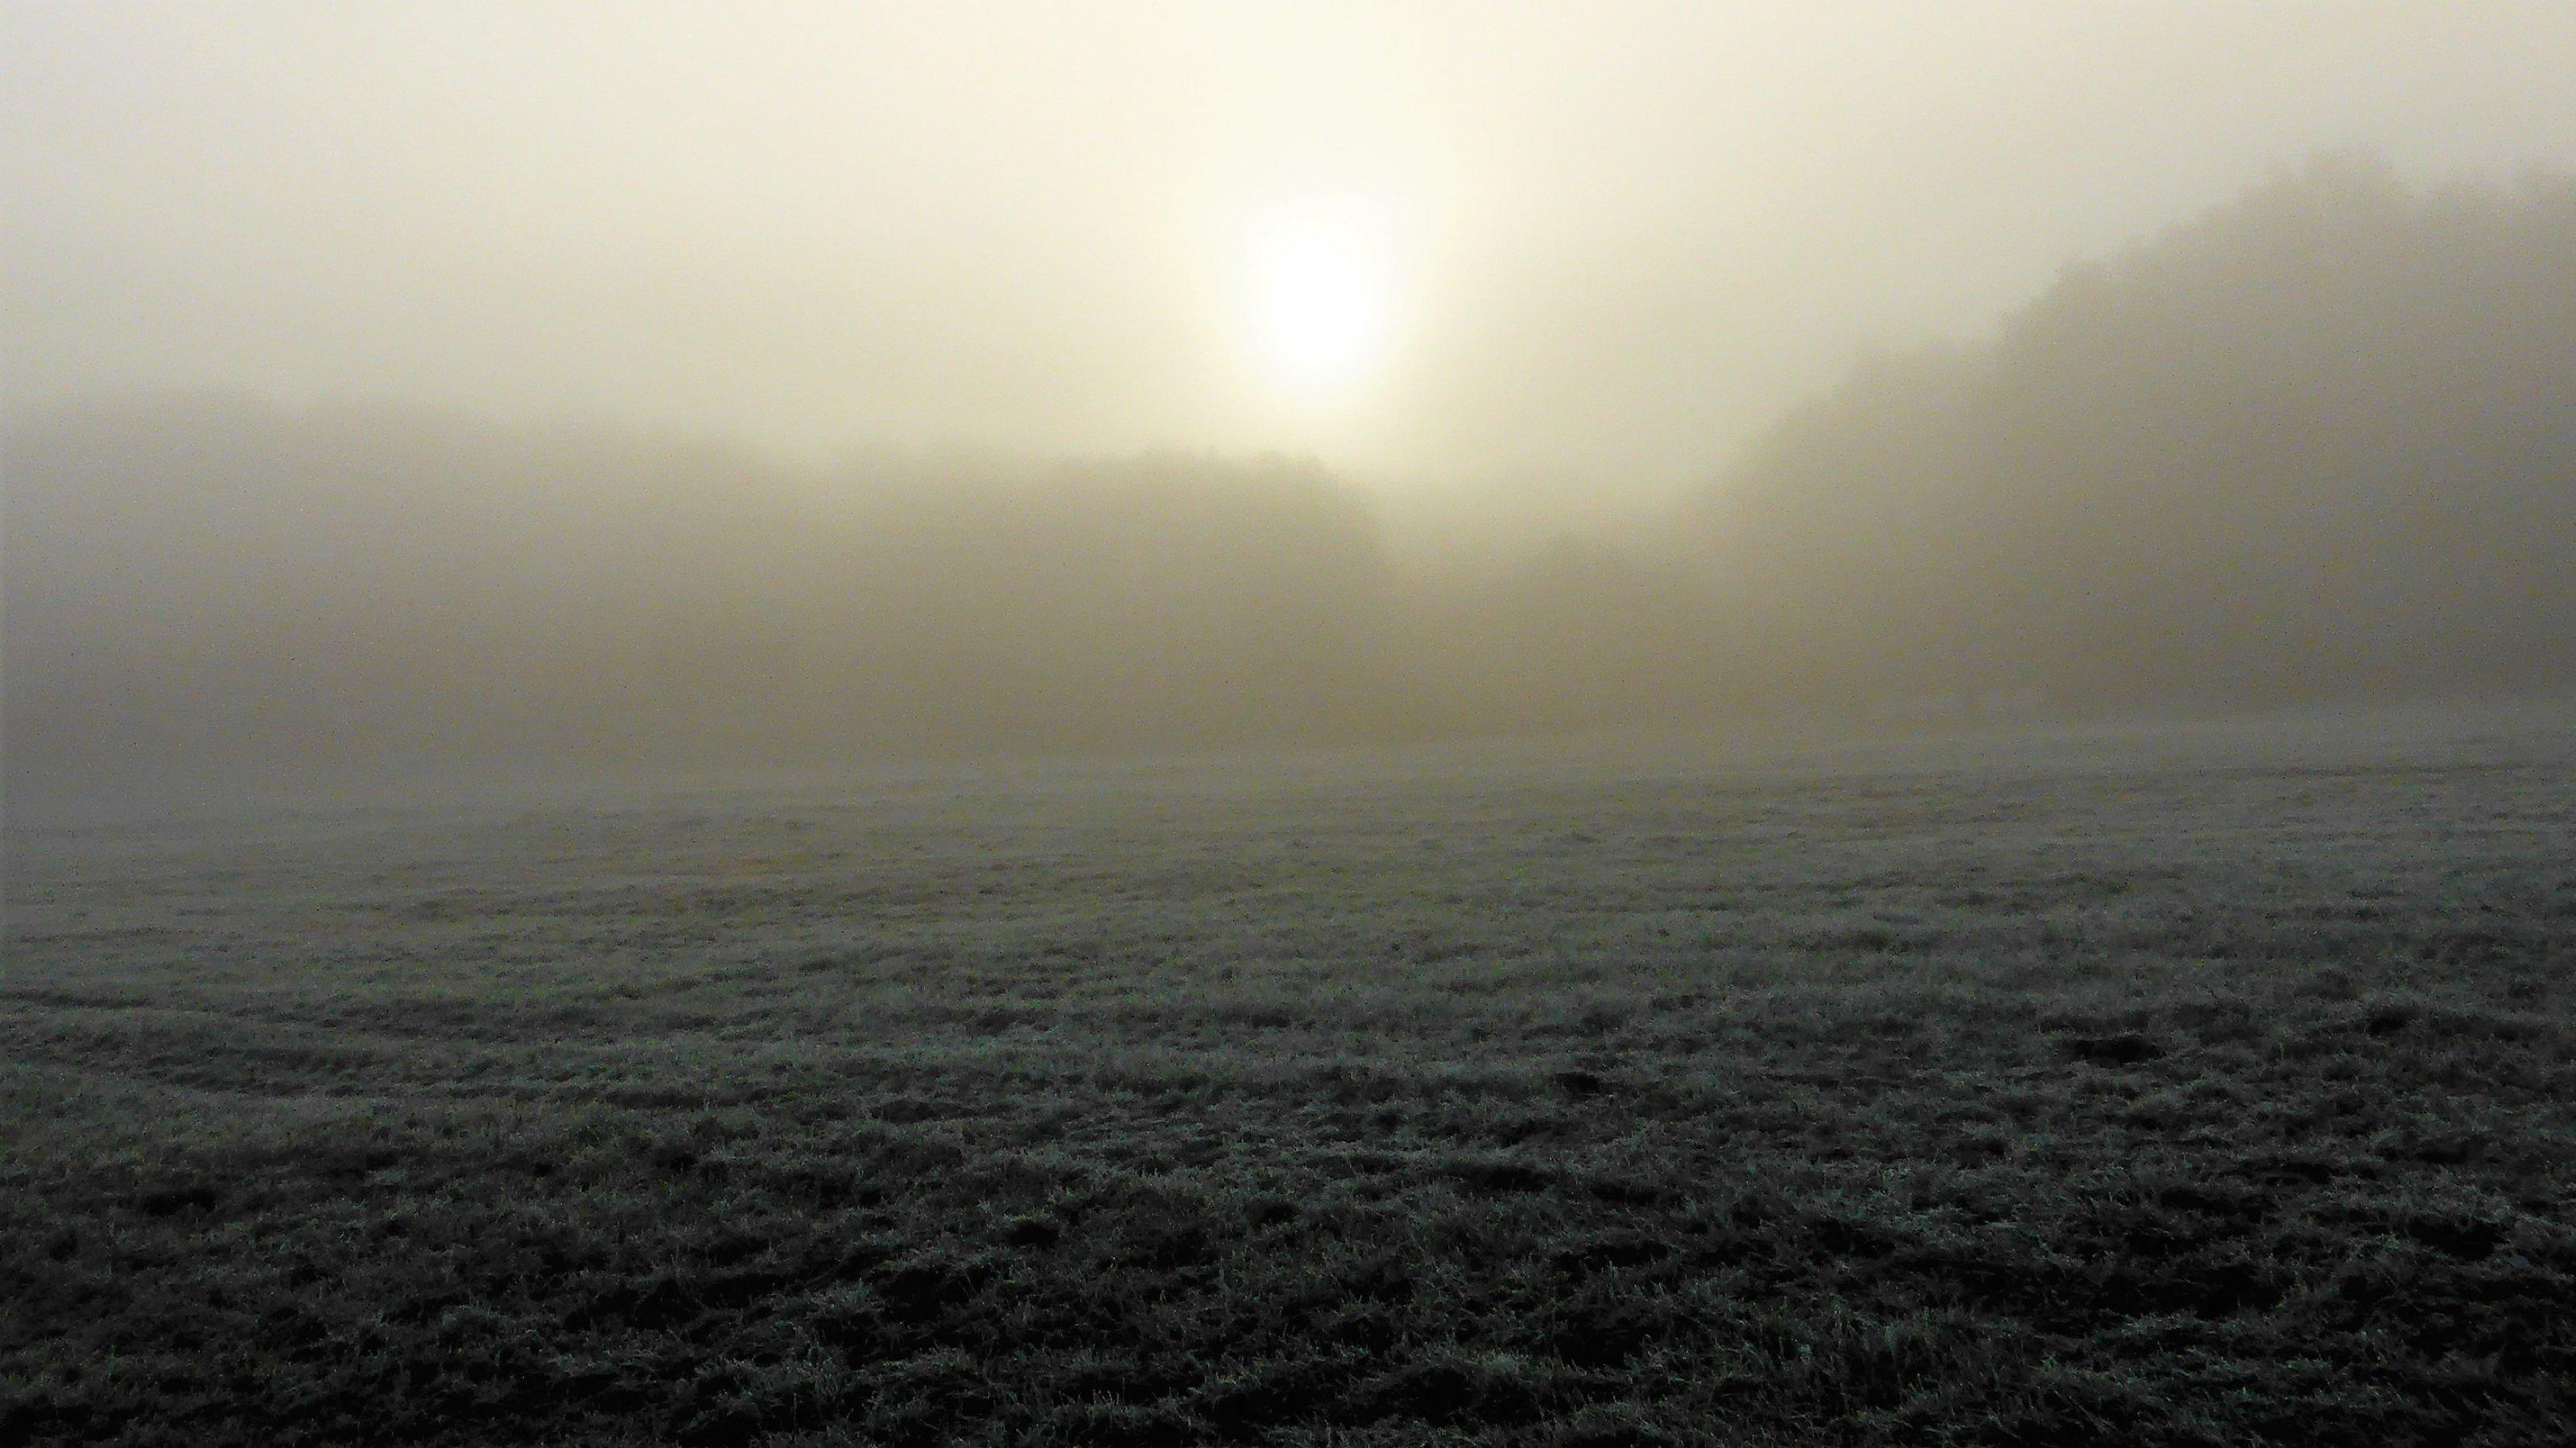 Sonne hinter einer Nebelbank auf einer Waldlichtung.